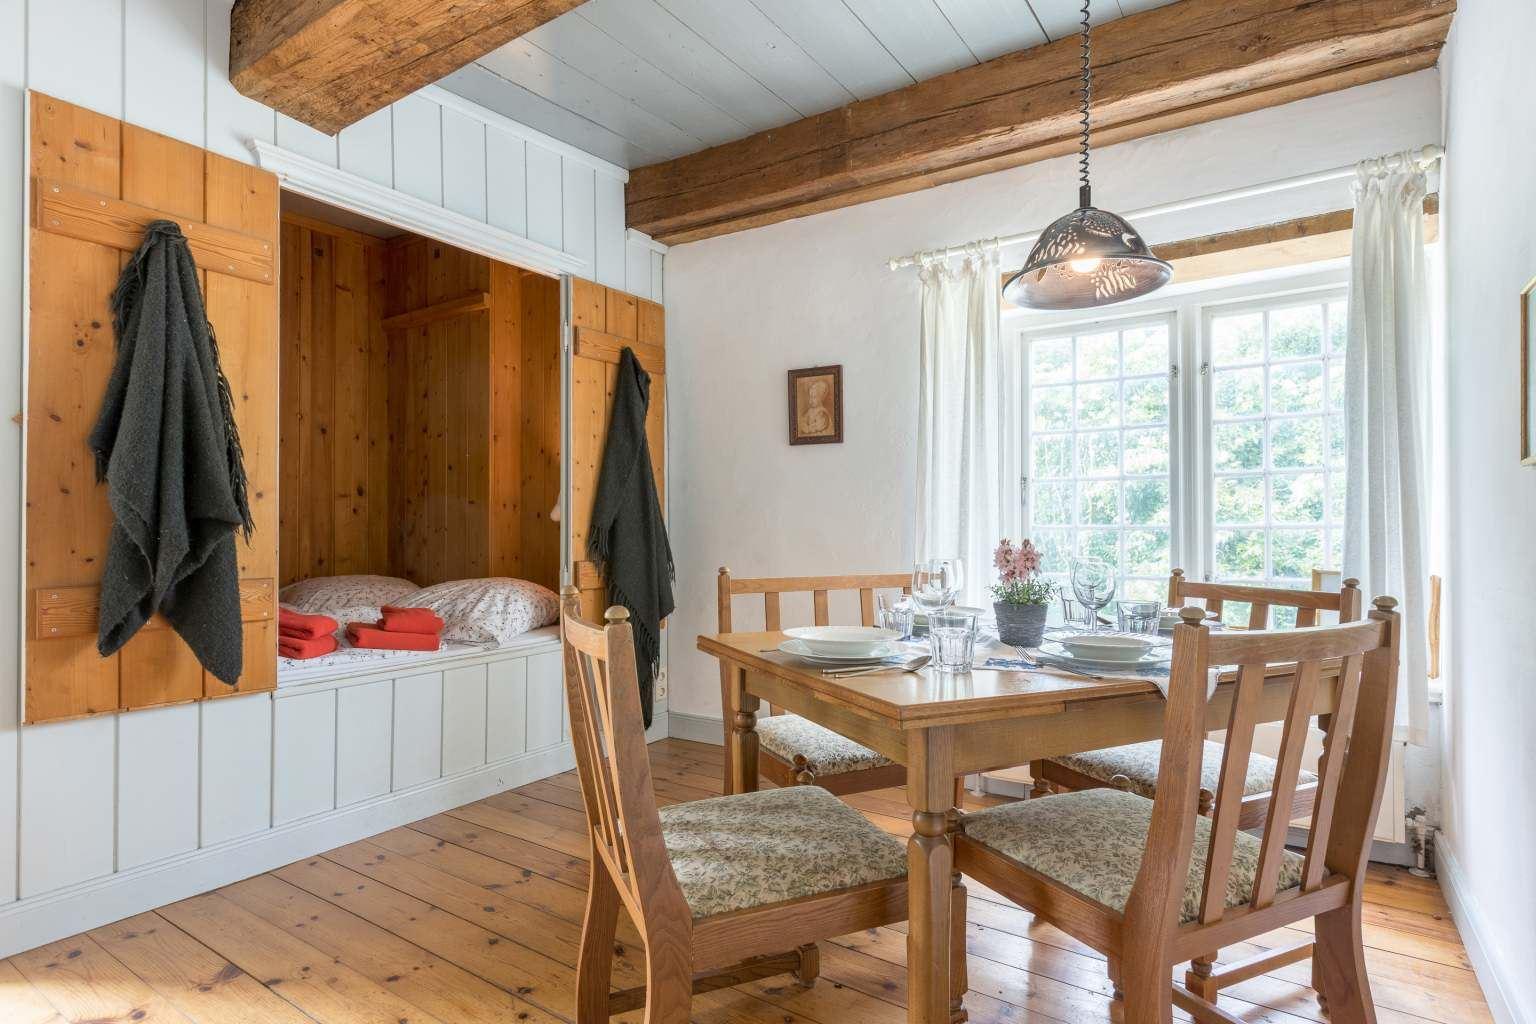 Schlafzimmer mit Alkoven und Essbereich